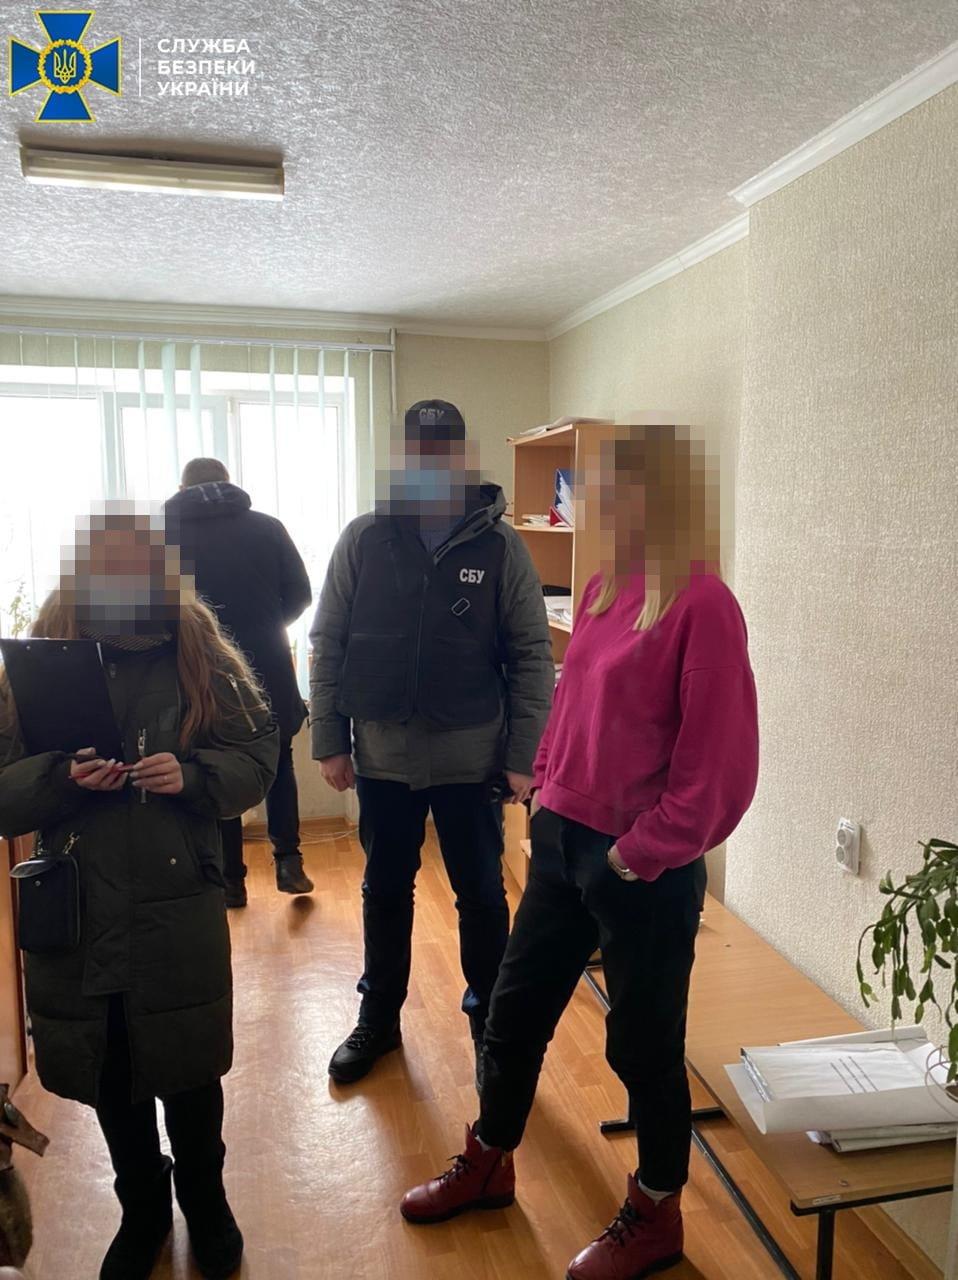 На Днепропетровщине чиновница городского суда попалась на взятке за необходимое клиенту решение суда, - ФОТО, фото-1